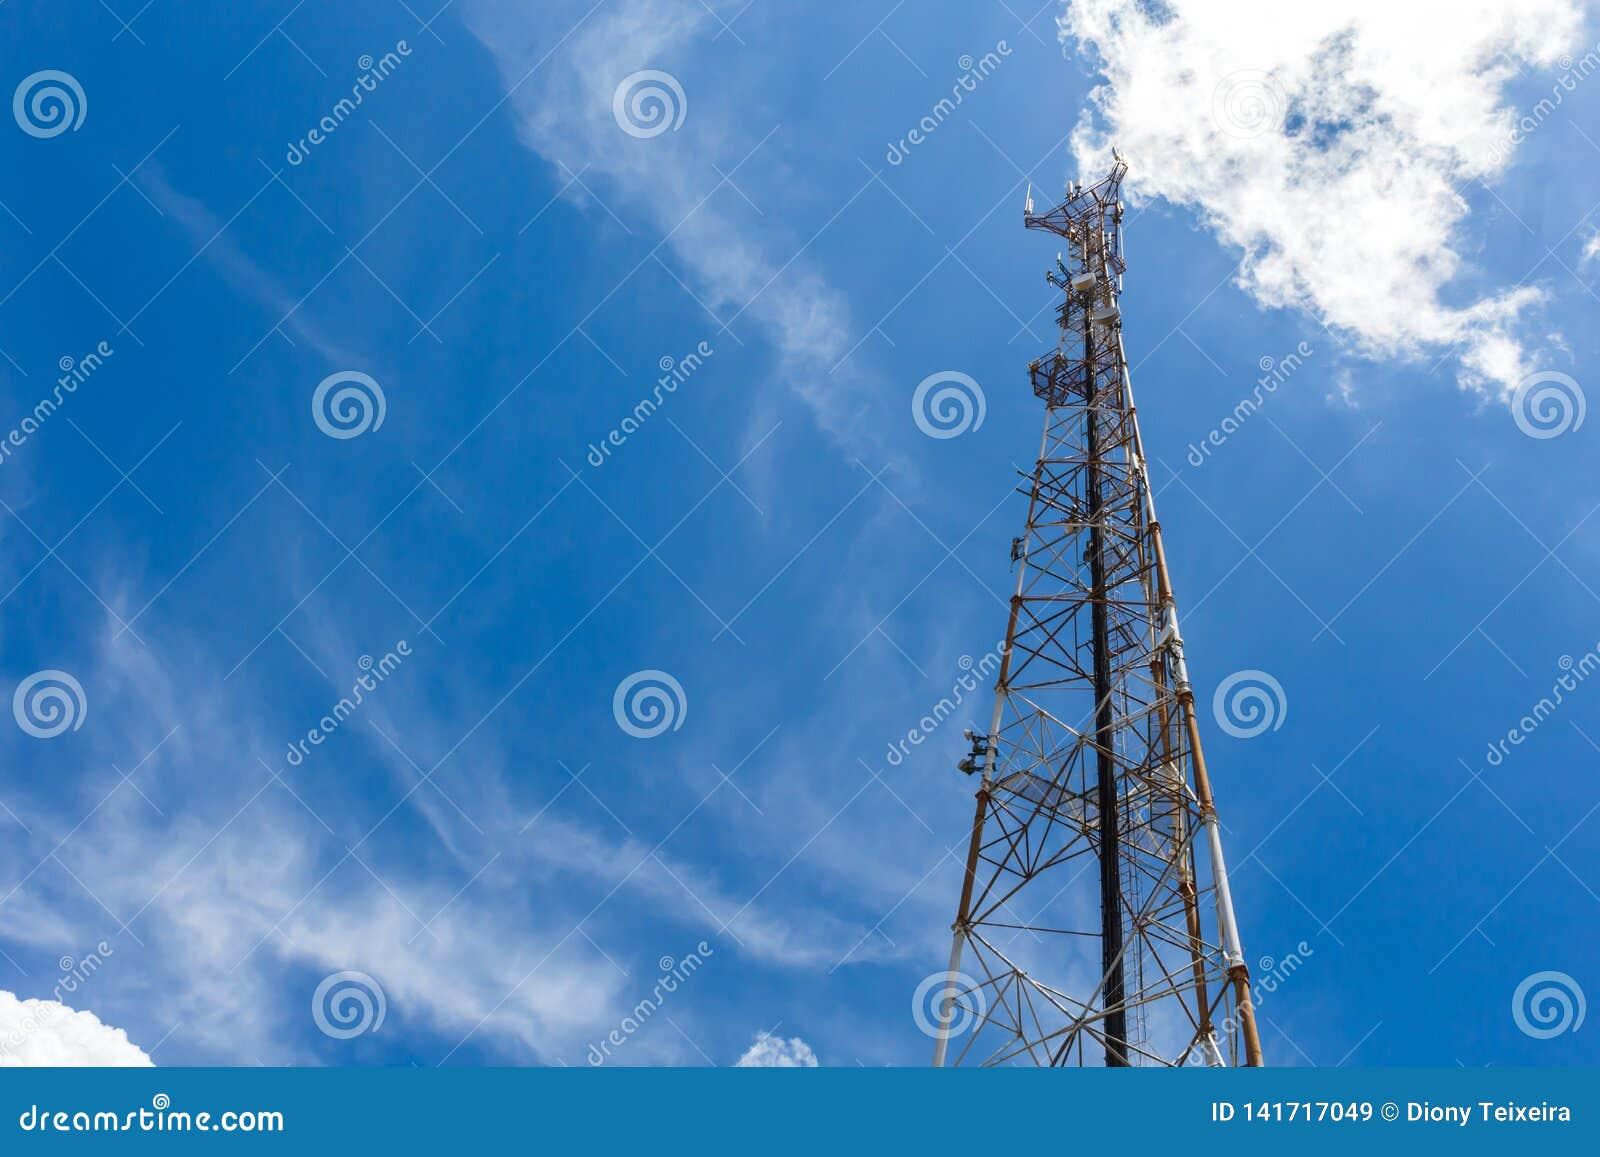 Torre de antena del repetidor de la comunicación del teléfono móvil, con el cielo azul y las nubes blancas